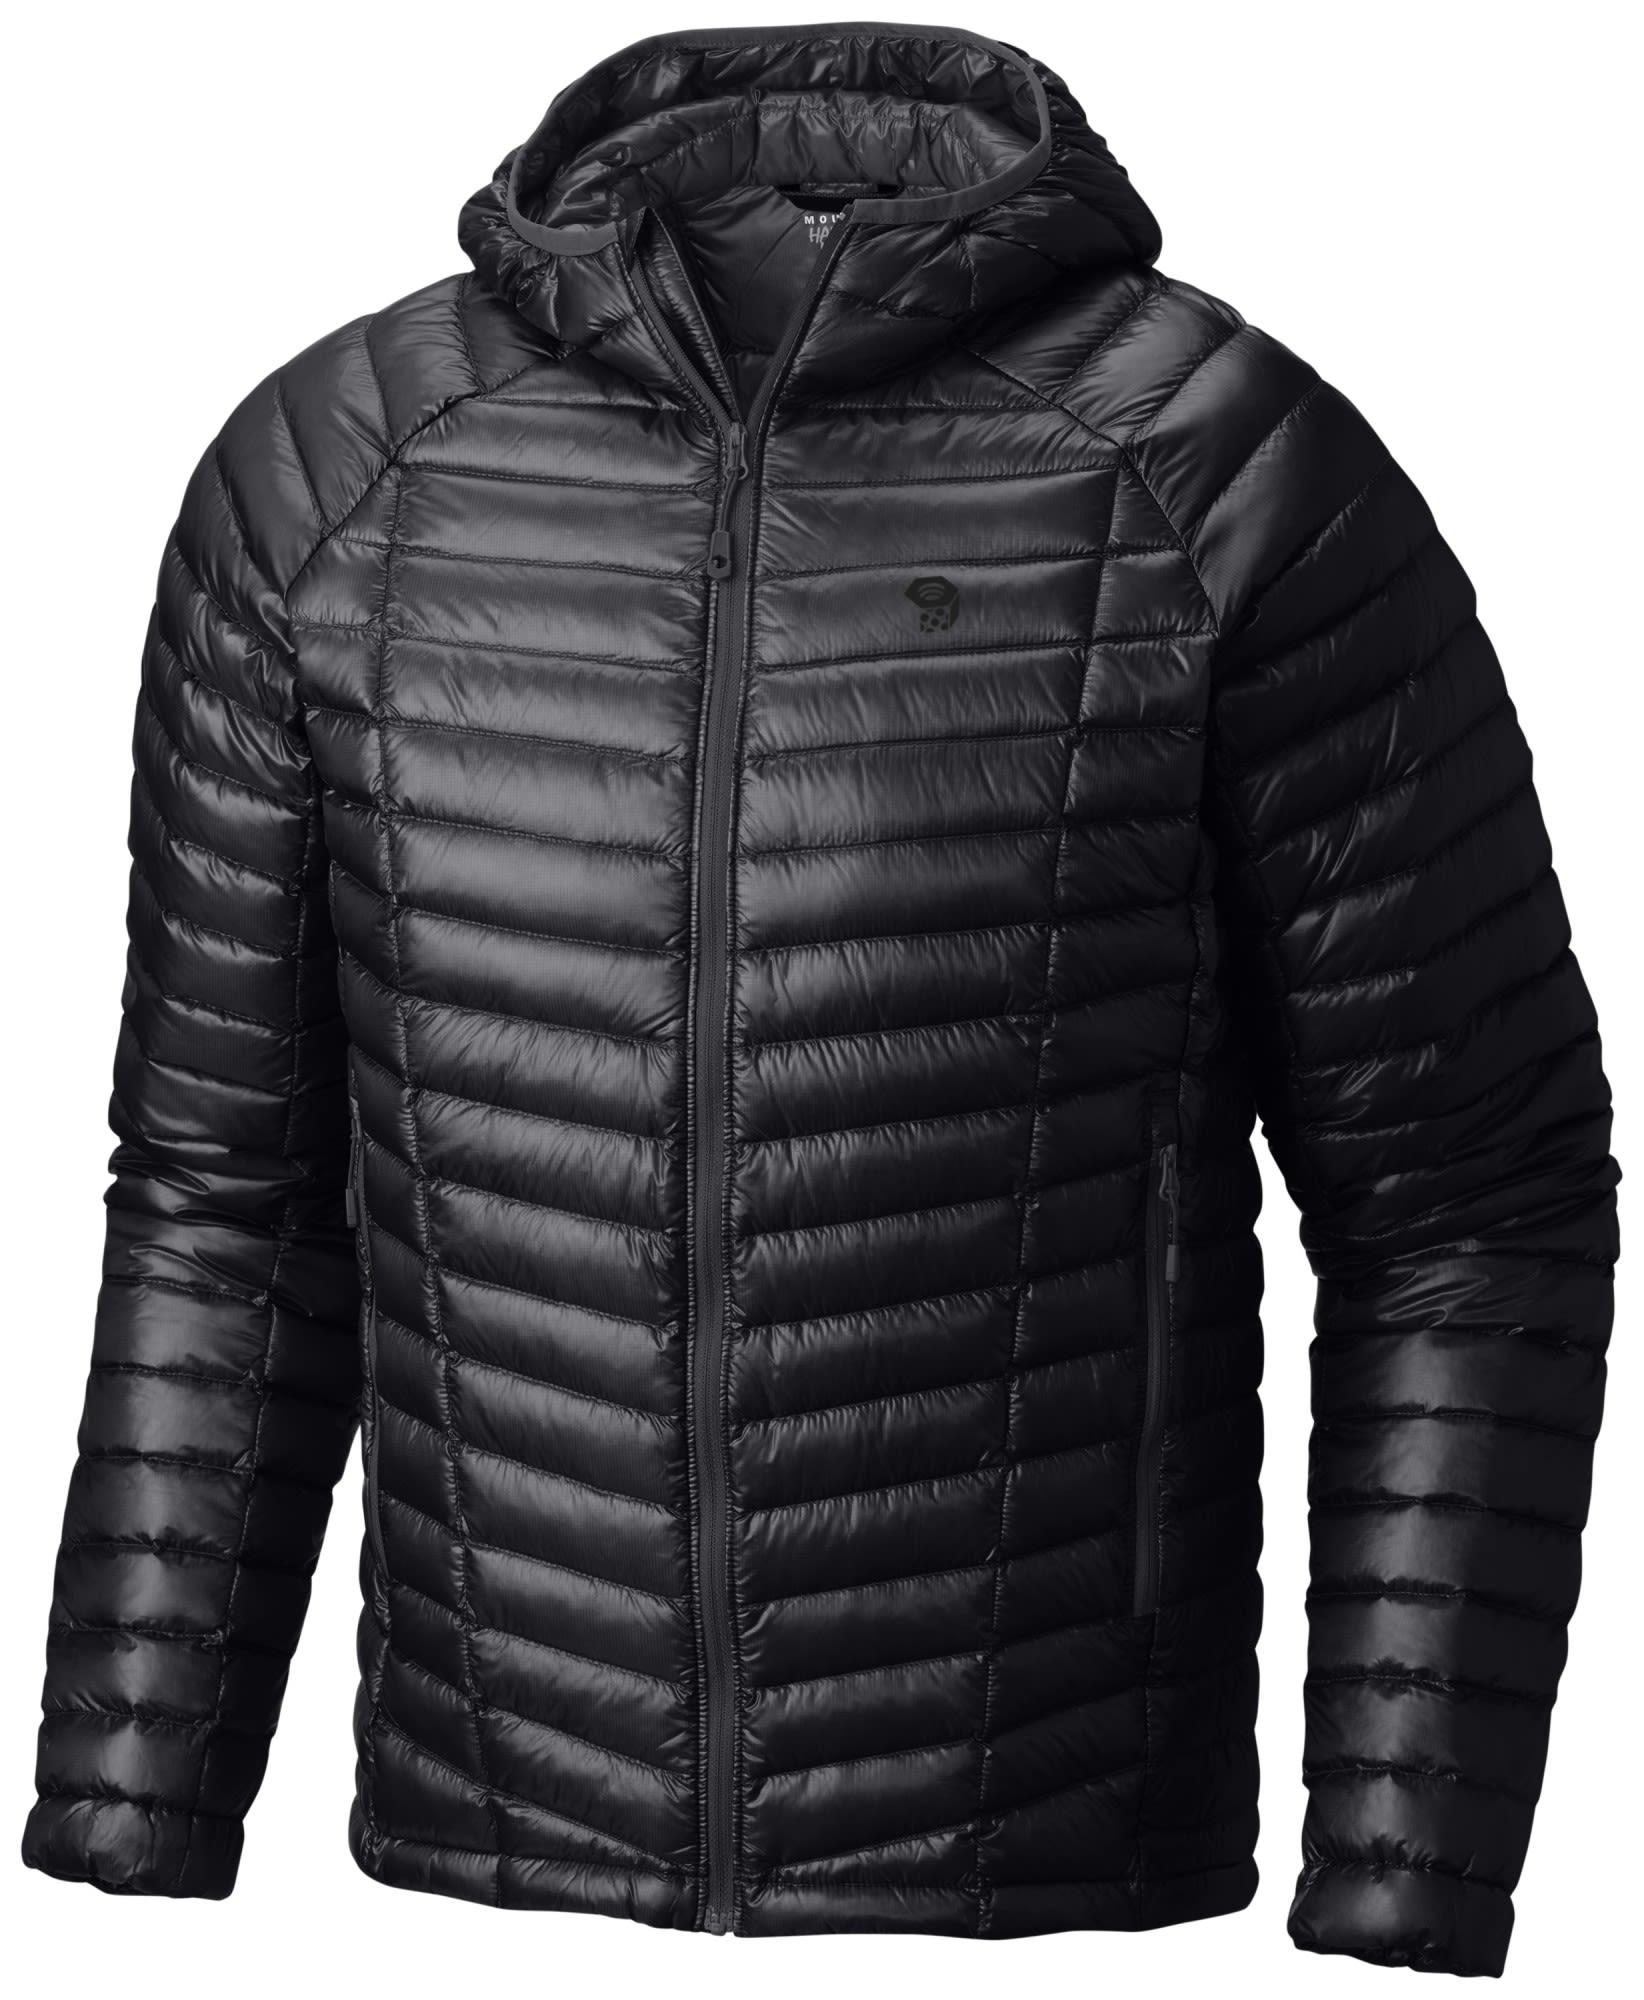 Mountain Hardwear Ghost Whisperer Hooded Down Jacket Schwarz, Male Daunen XL -Fa